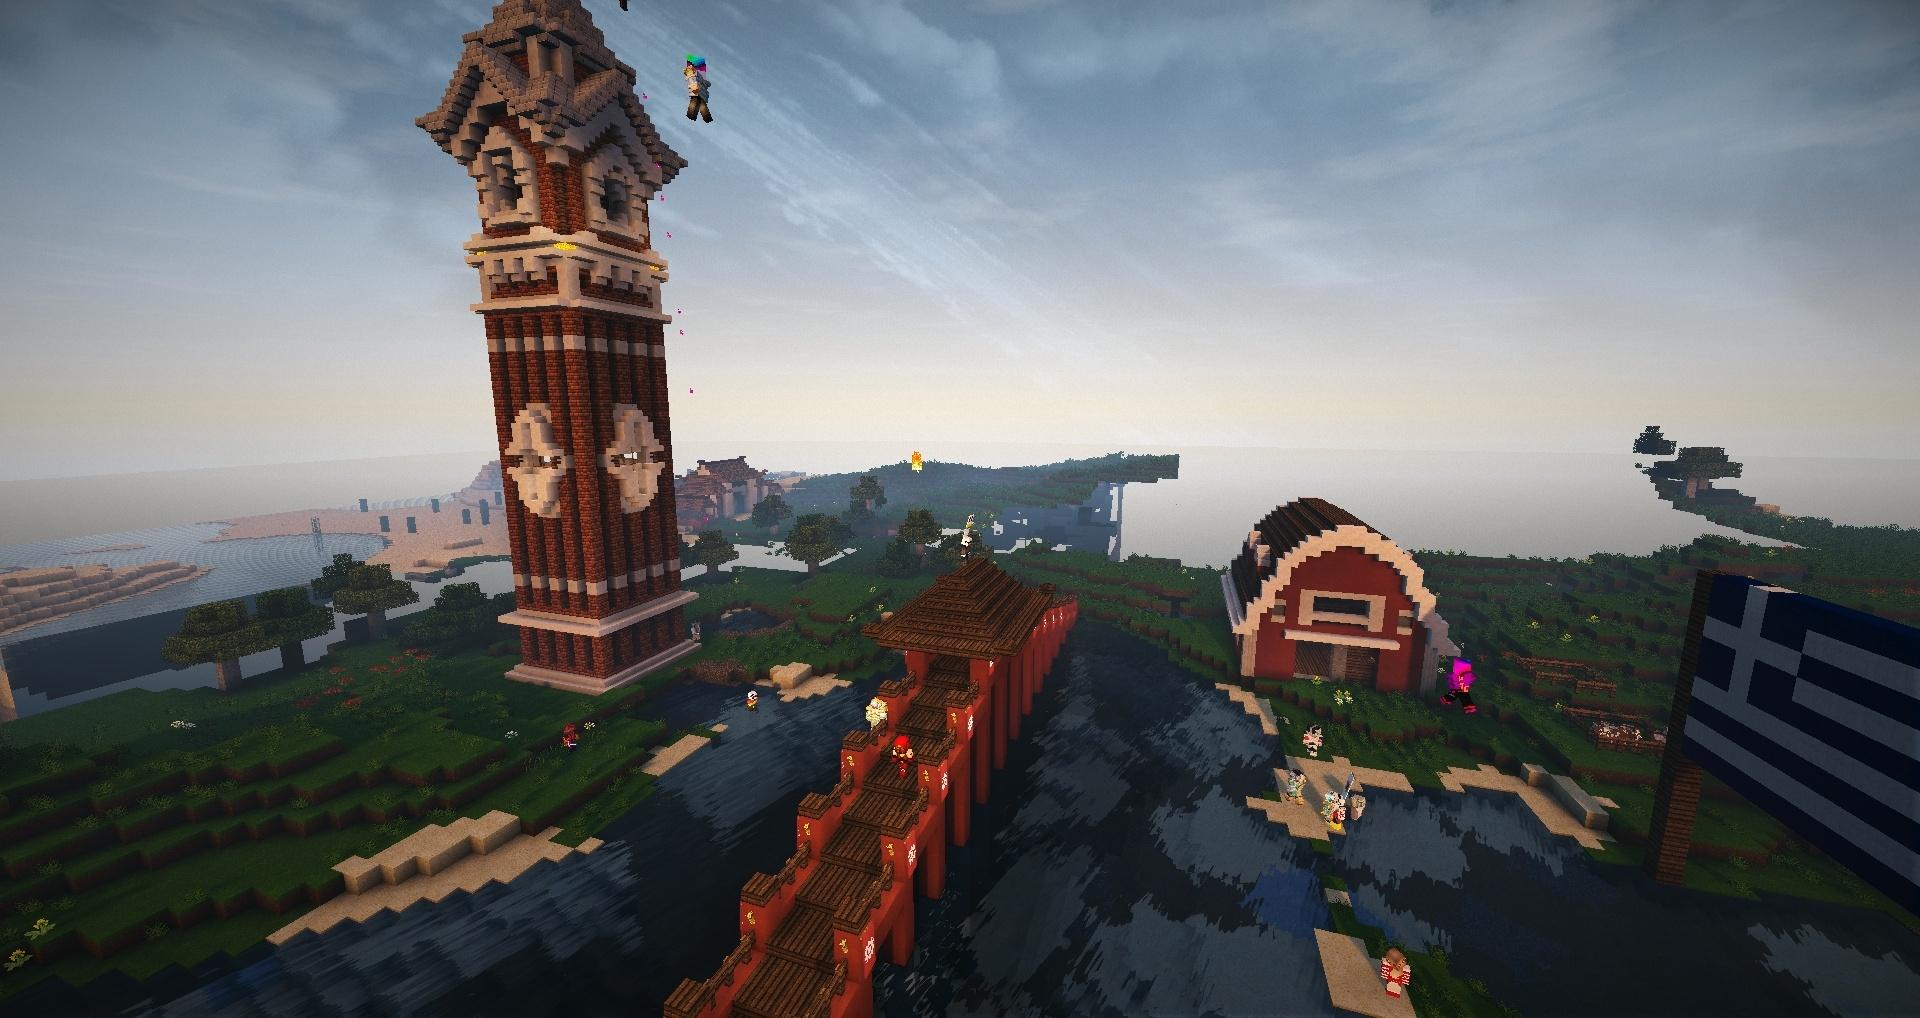 Une ferme, un clocher, un pont le tout pour être heureux !